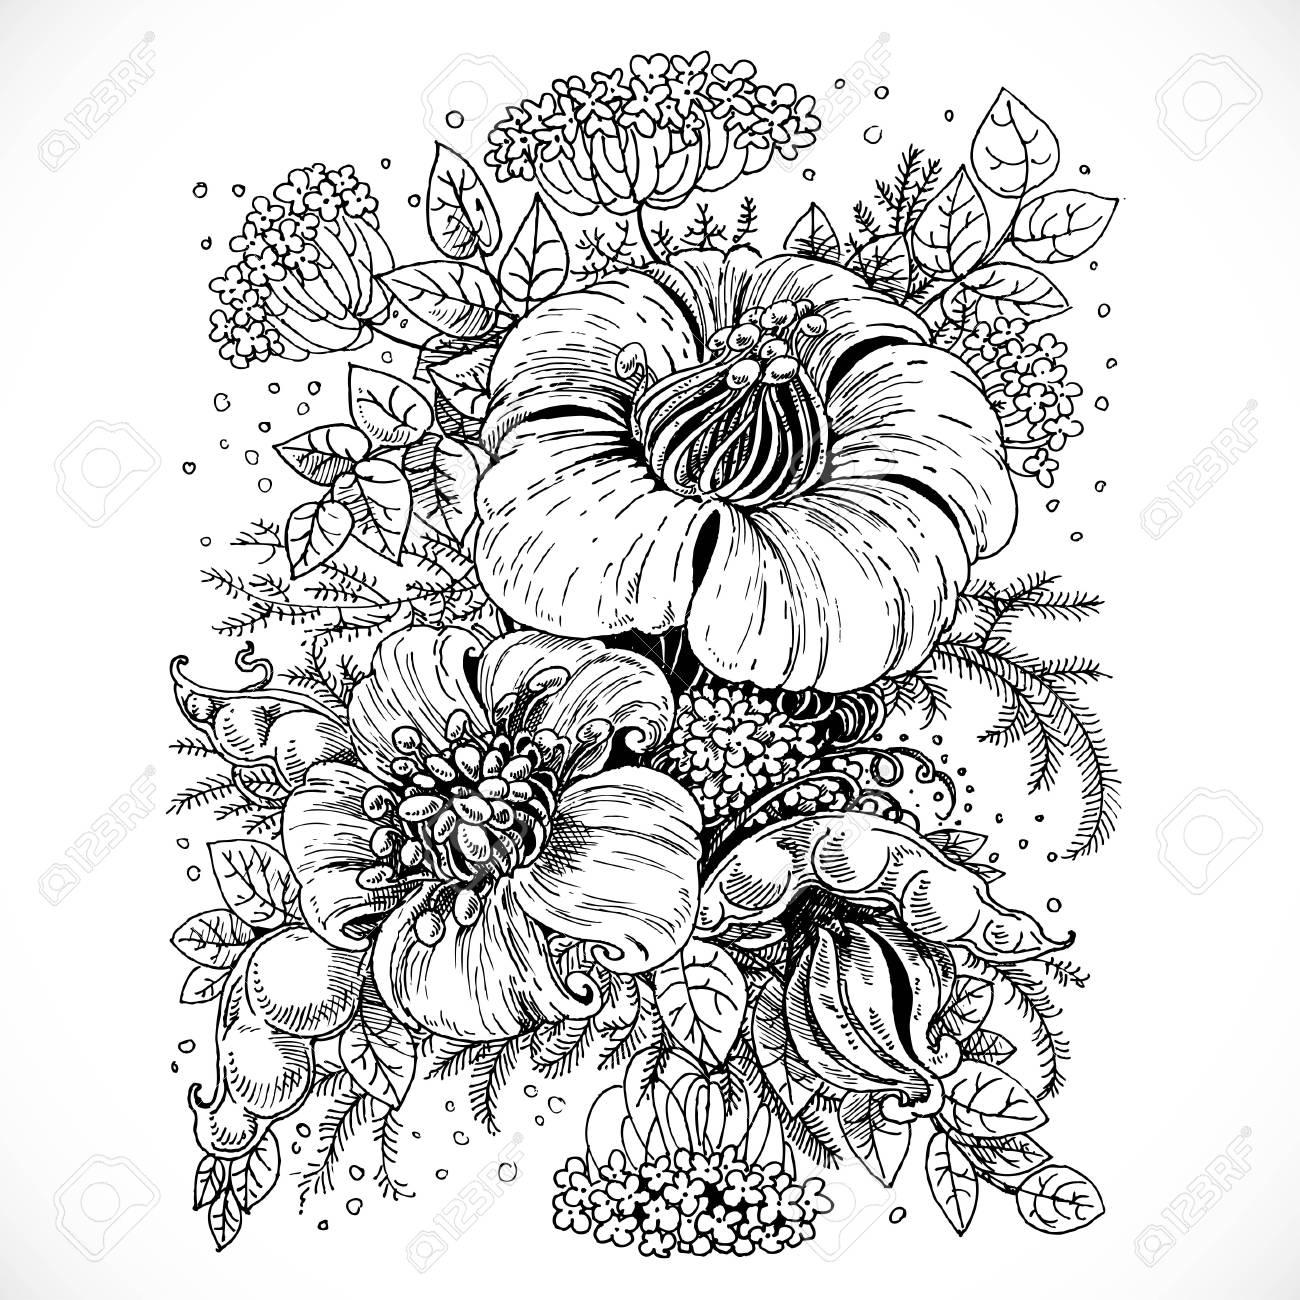 Schwarz Und Weiß Zeichnung Fantasy Blumen Und Blätter